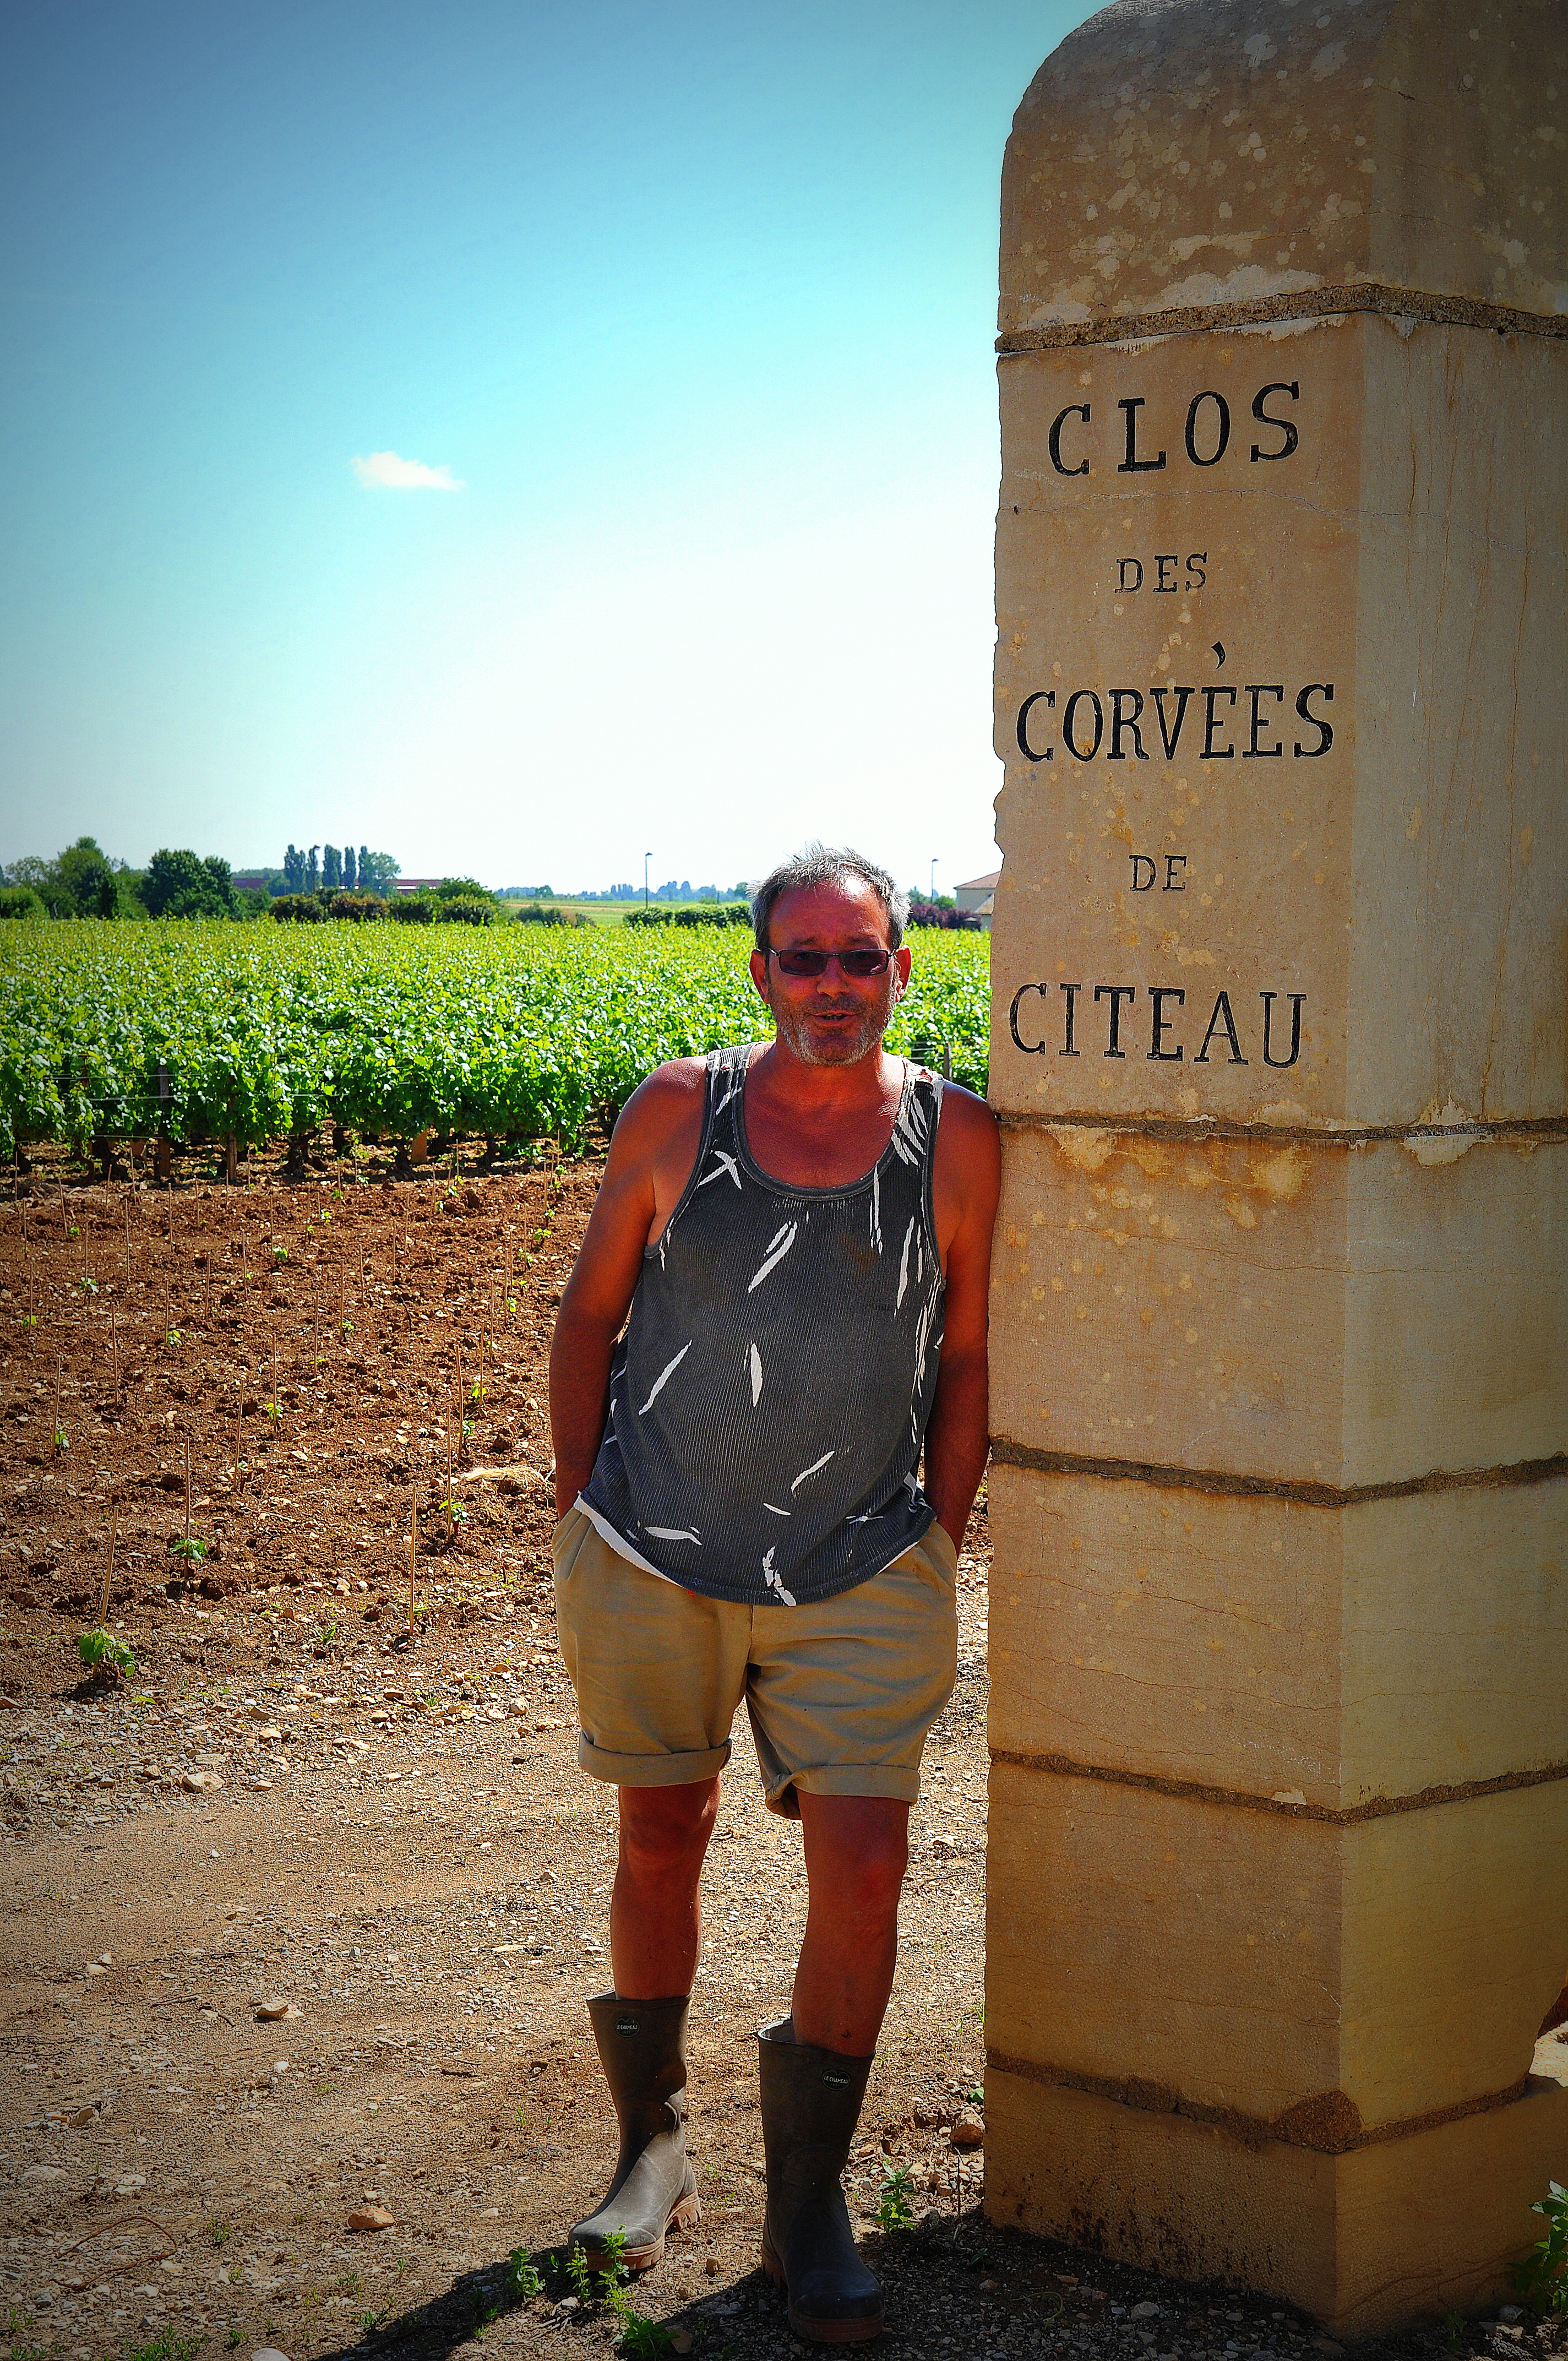 la viticulture est aussi une question de fierté du terroir ainsi travaillé.